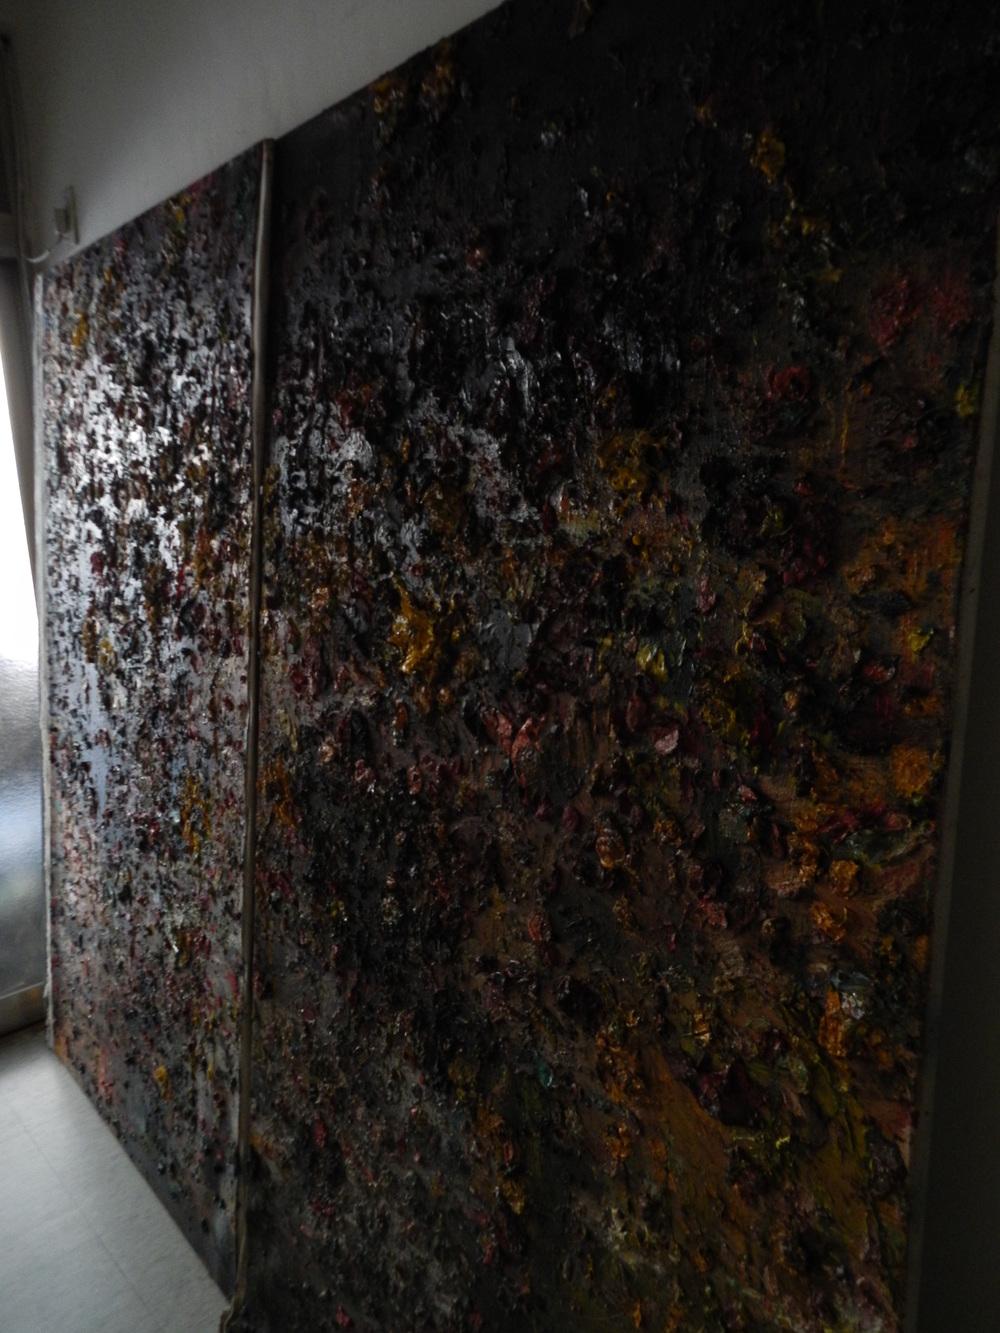 創作論述:透過現場撿拾的現成物來製作作品,用油彩濃烈的筆觸來表現對於此次學運的情緒,最後讓這件作品陳列於黑色衣物之上。  創作媒材:油彩、畫布、黑色衣物、太陽花 作品尺寸:190cm * 250cm